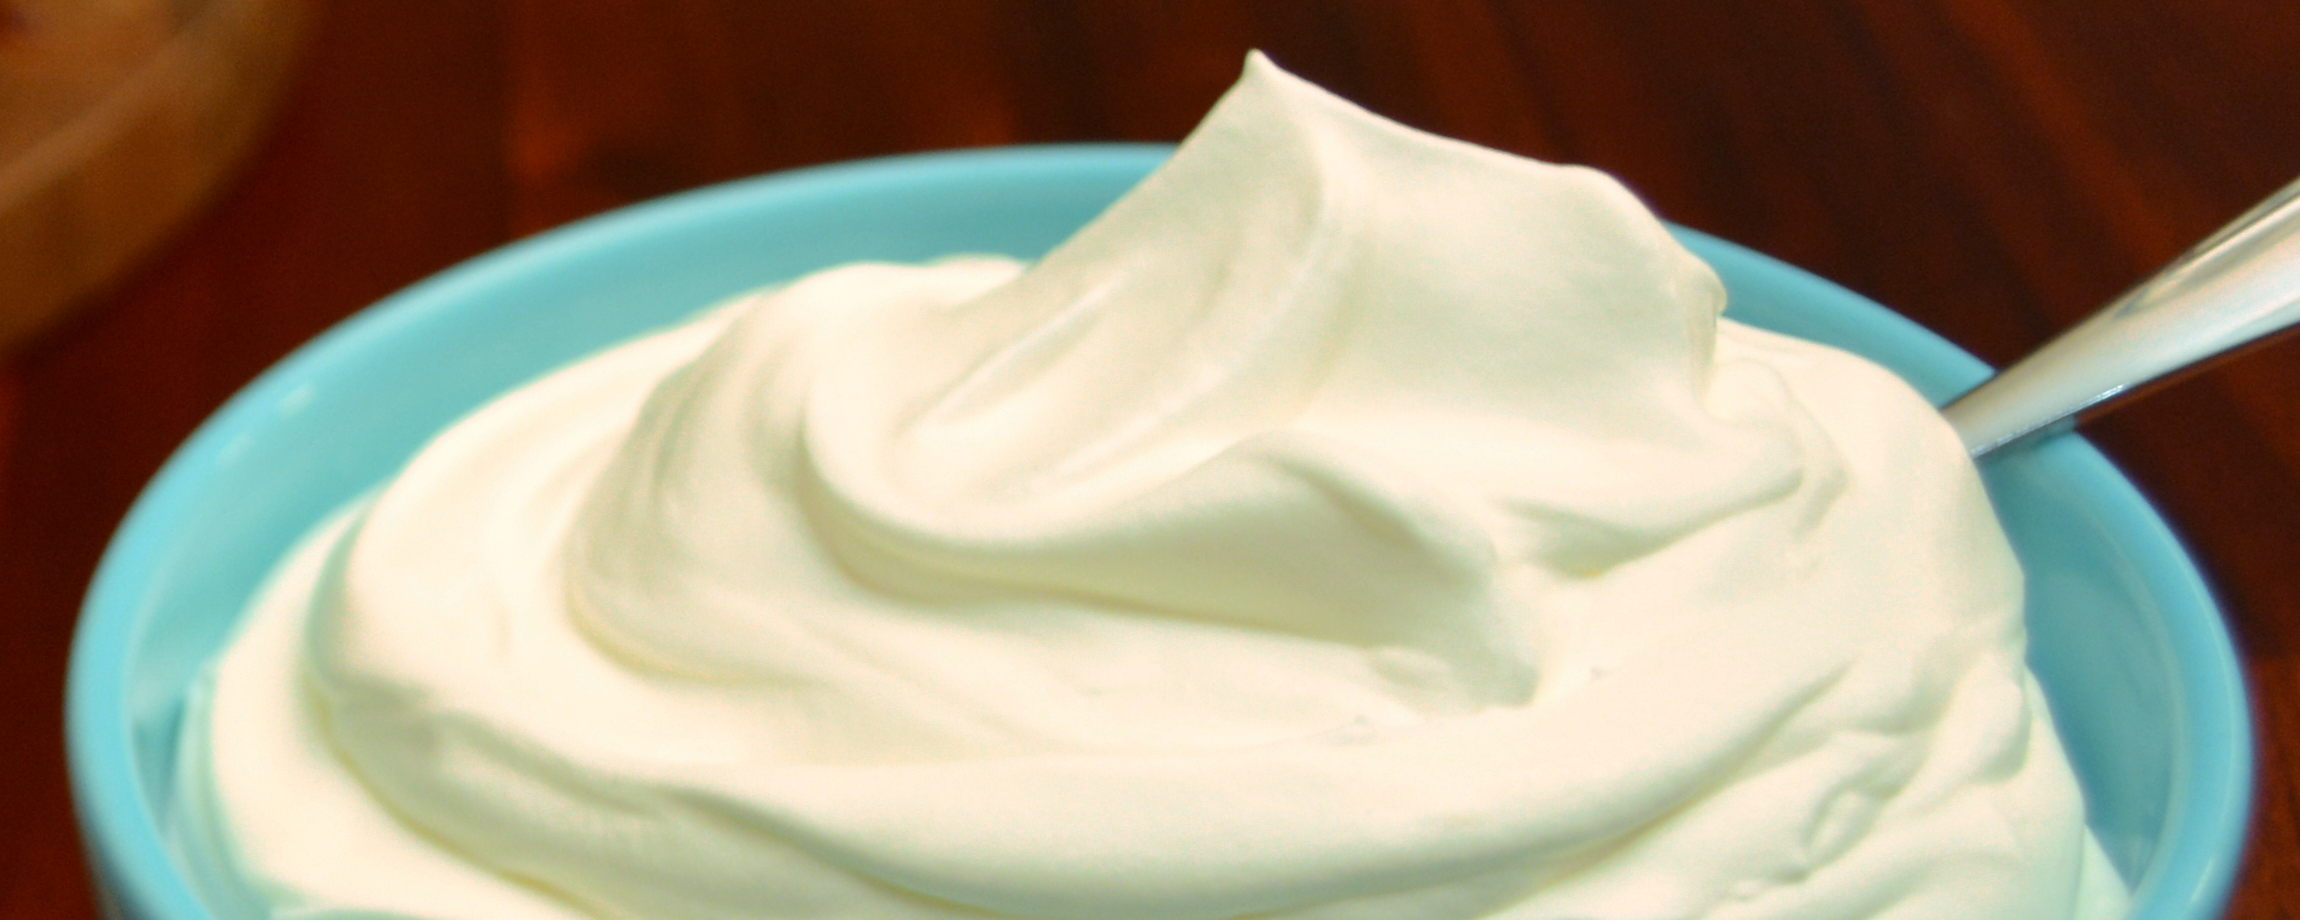 Schlagfix von Leha verhält sich genauso wie die Milchvarianten. Nehmt einfach euren Handmixer und los geht's!